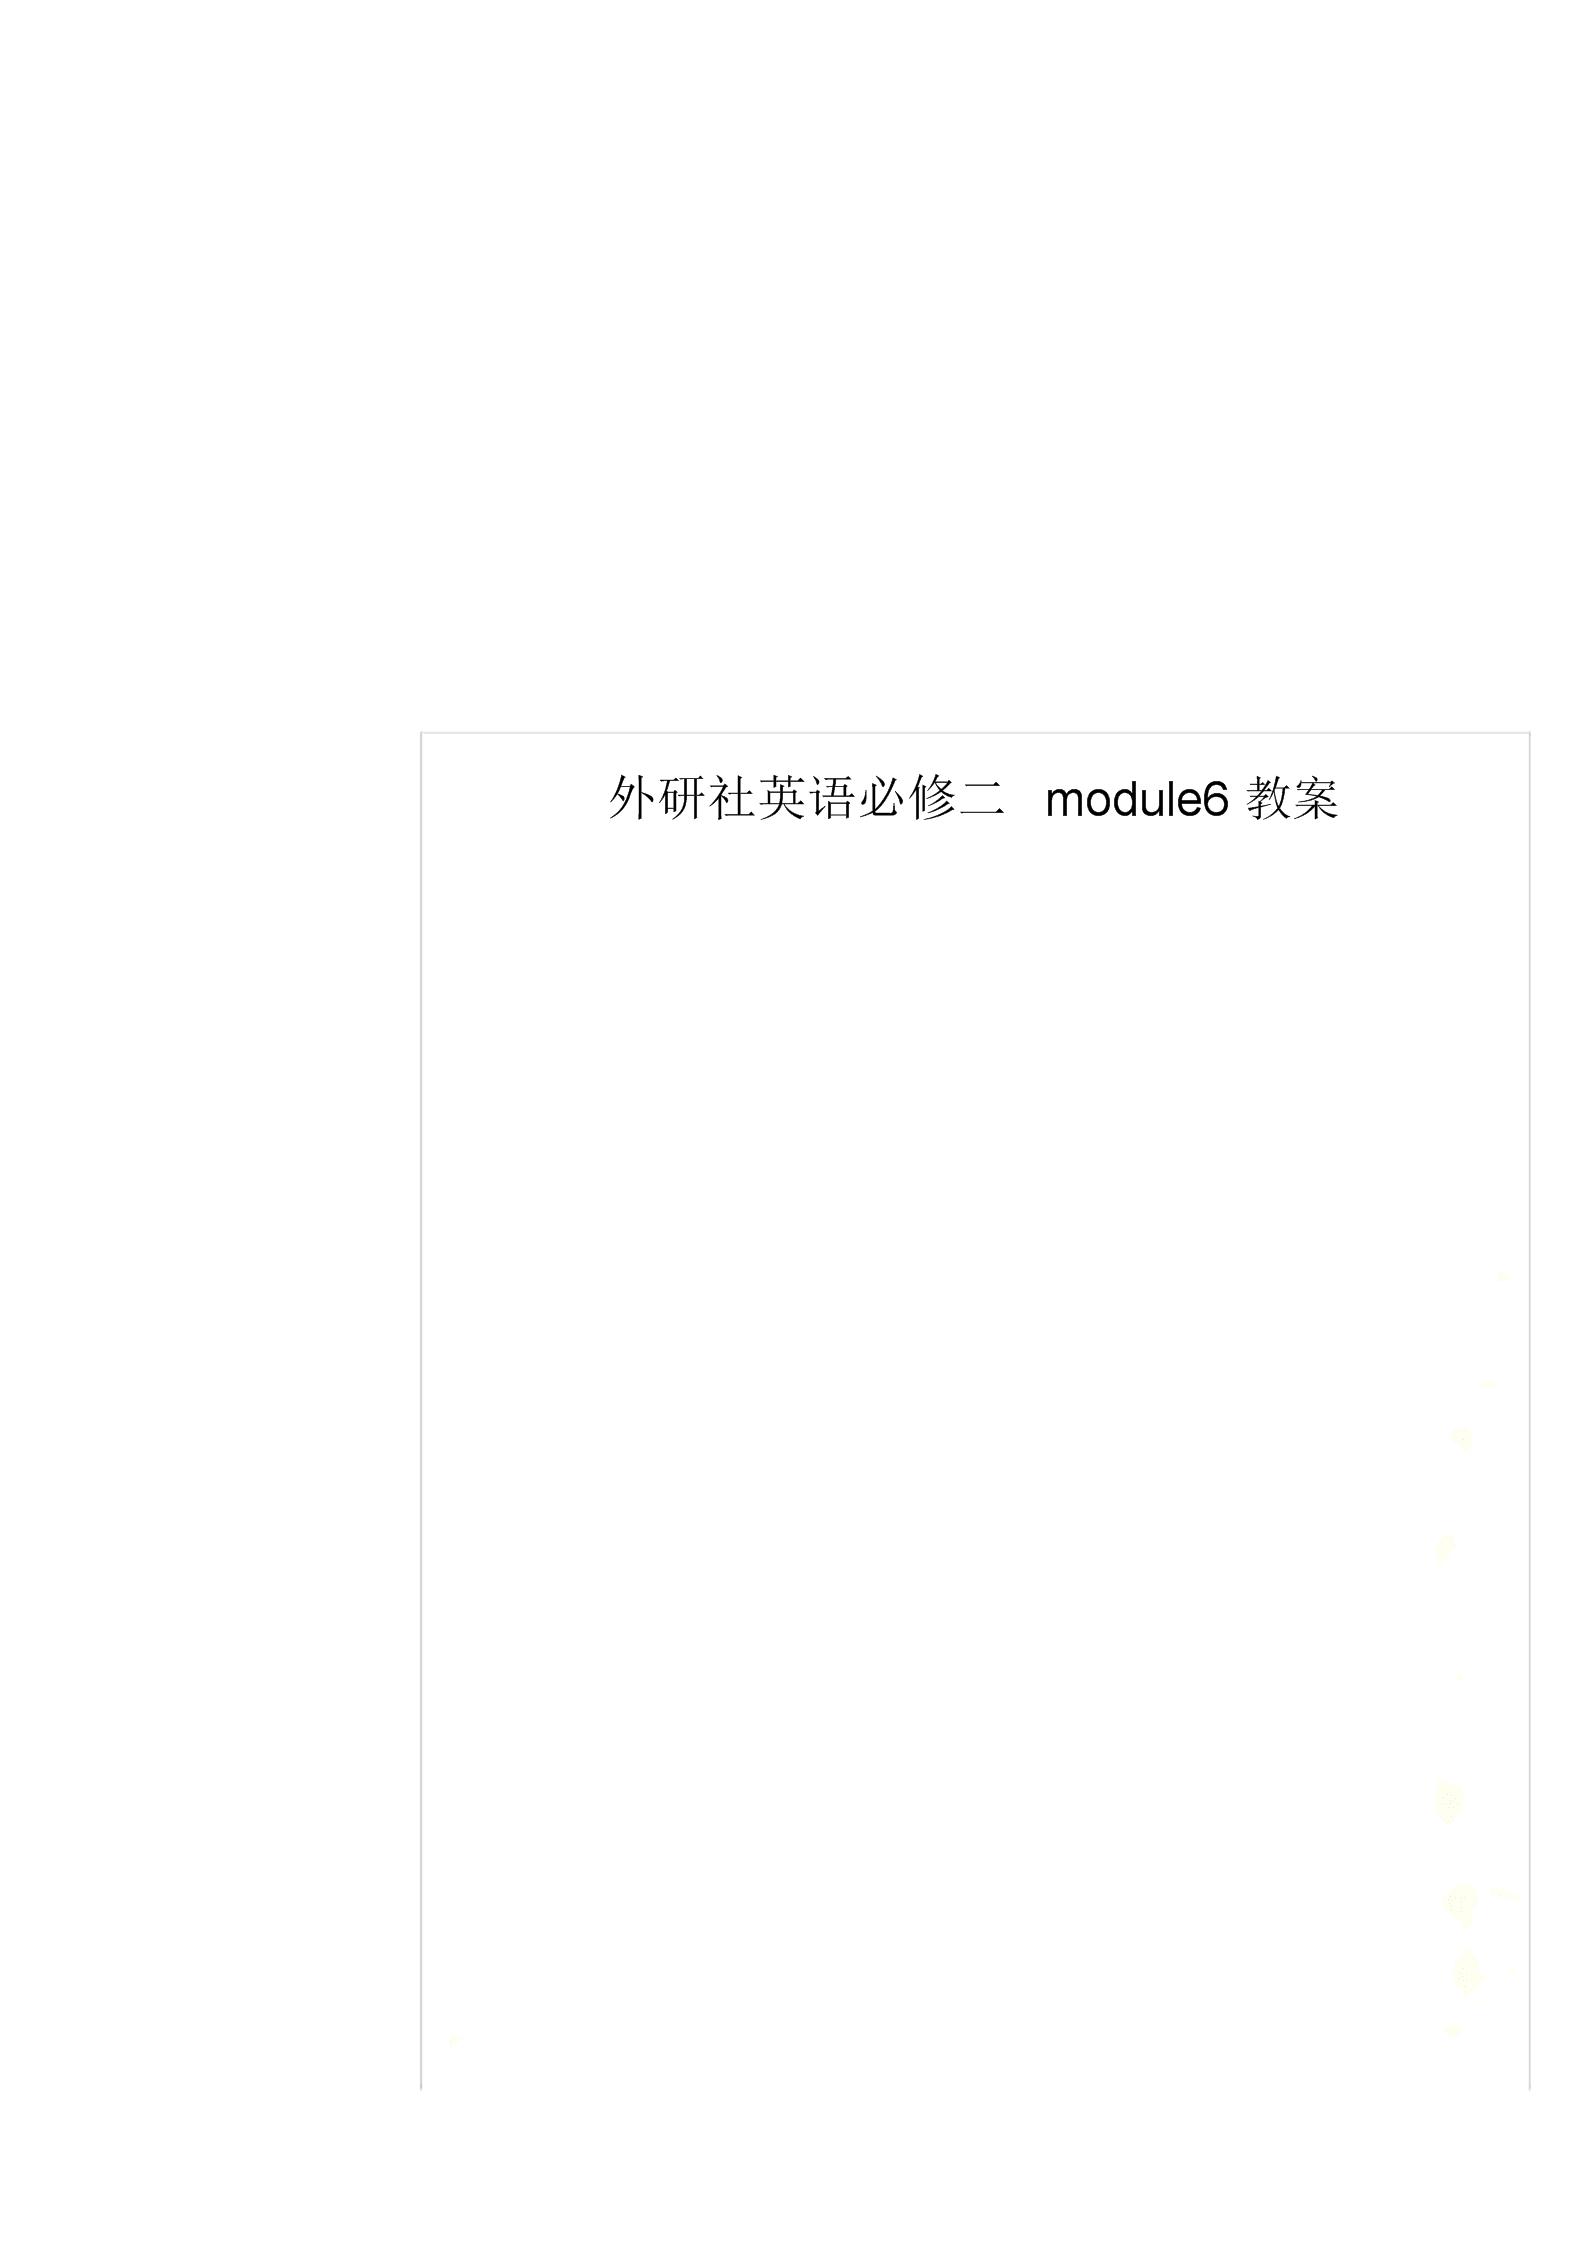 外研社英语必修二module6教案.docx